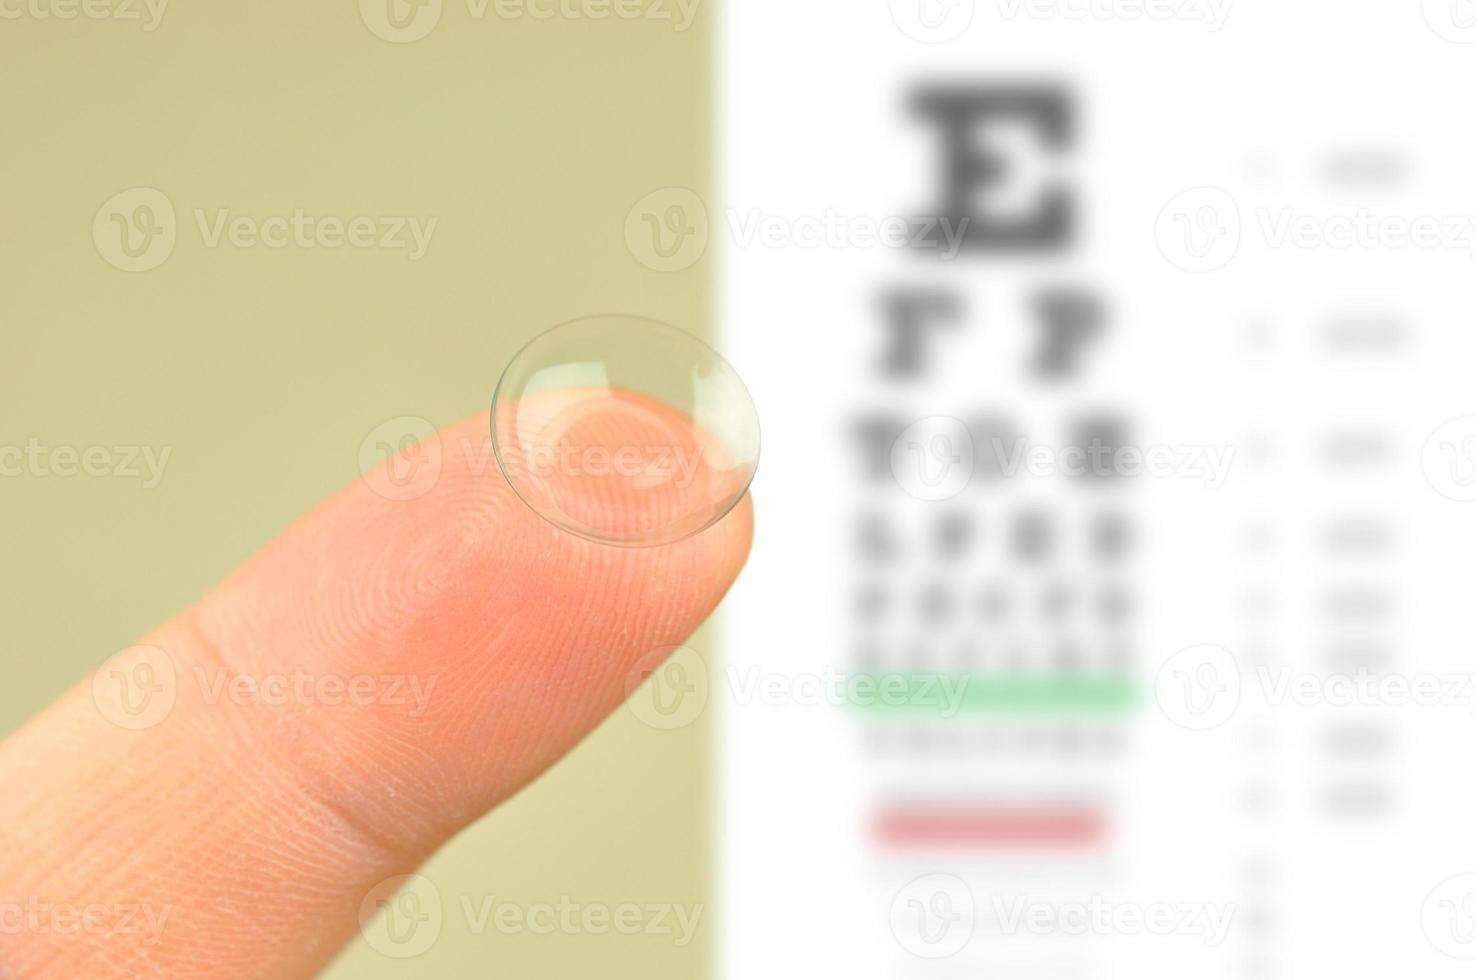 diagramma di prova delle lenti a contatto e degli occhi foto